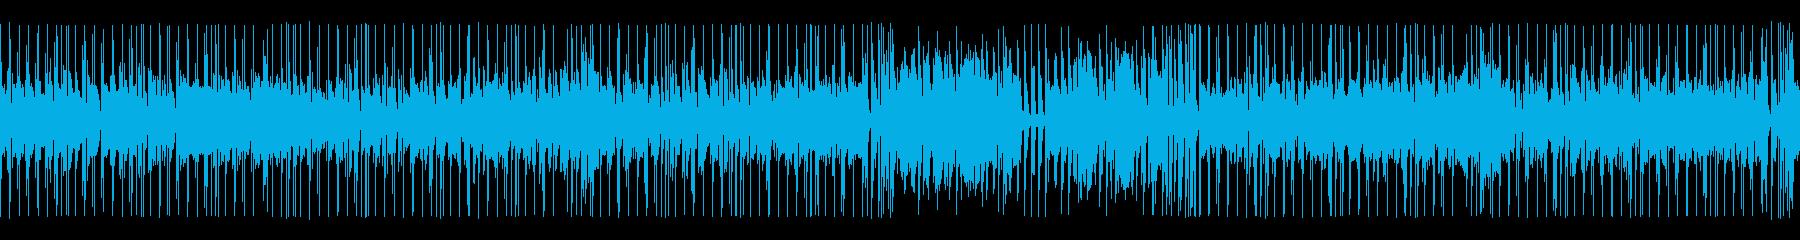 BGM010-01 ボードゲームやパズ…の再生済みの波形